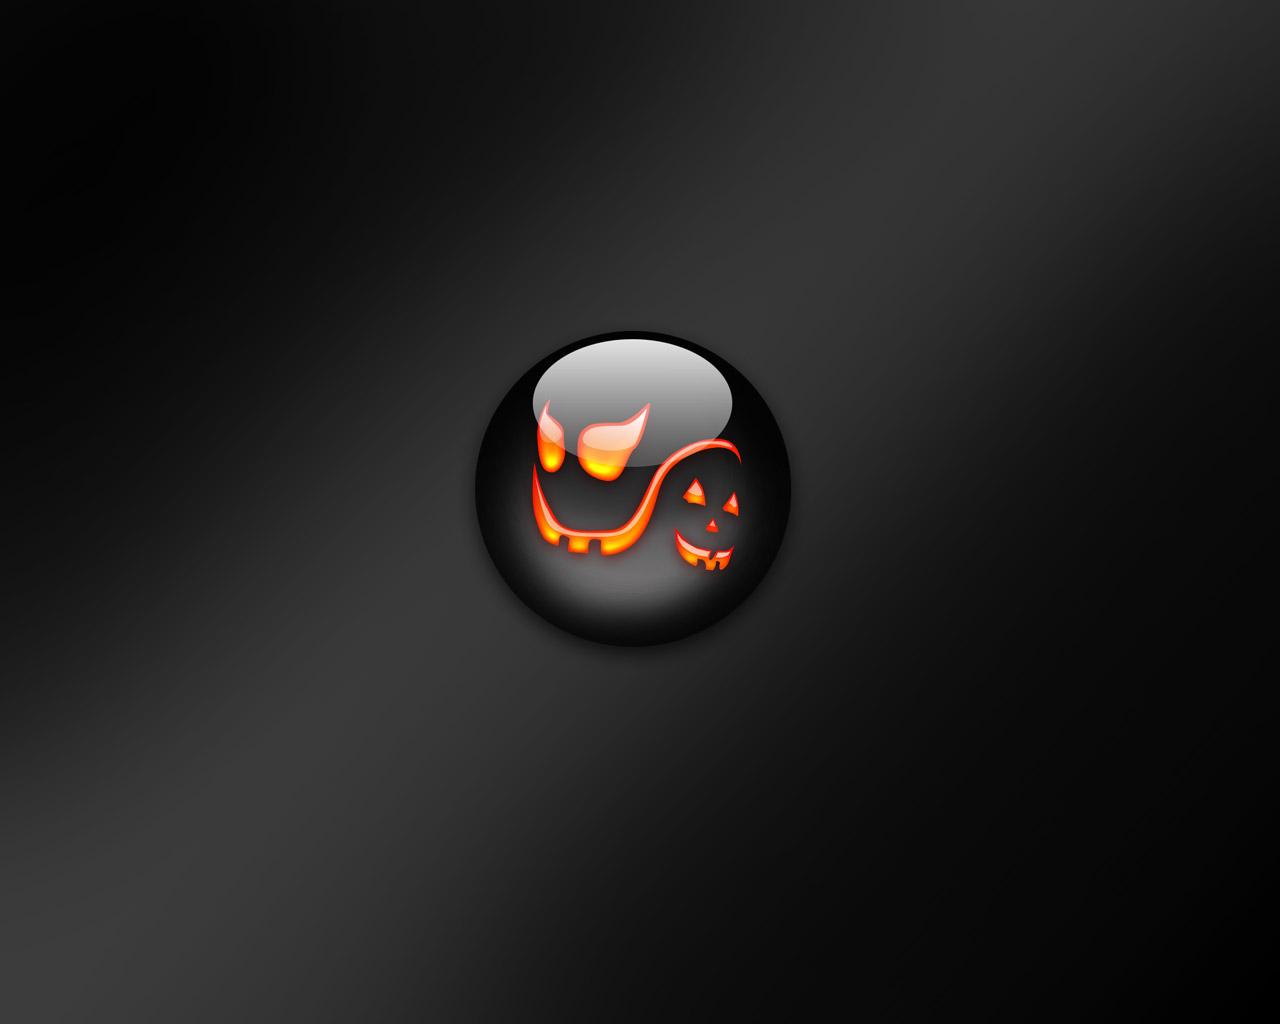 Awesome Desktop Backgrounds Desktop Backgrounds 1280x1024